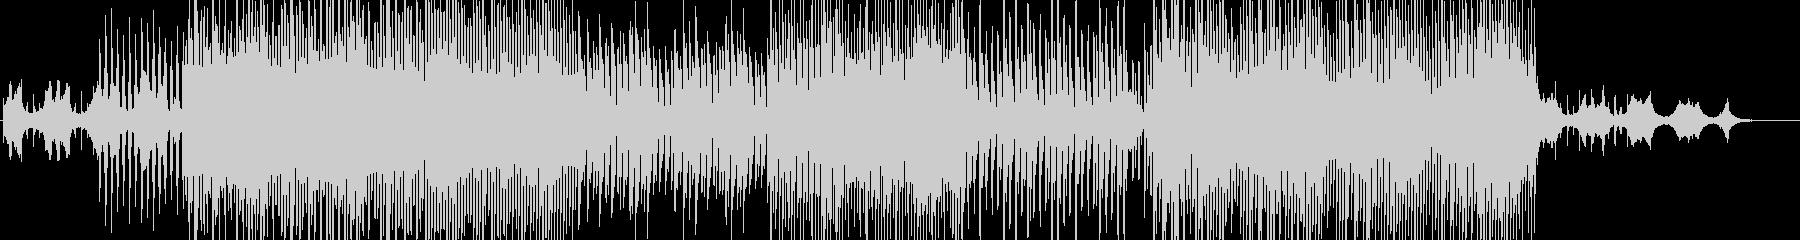 逆再生音を使ったおしゃれなポップBGMの未再生の波形